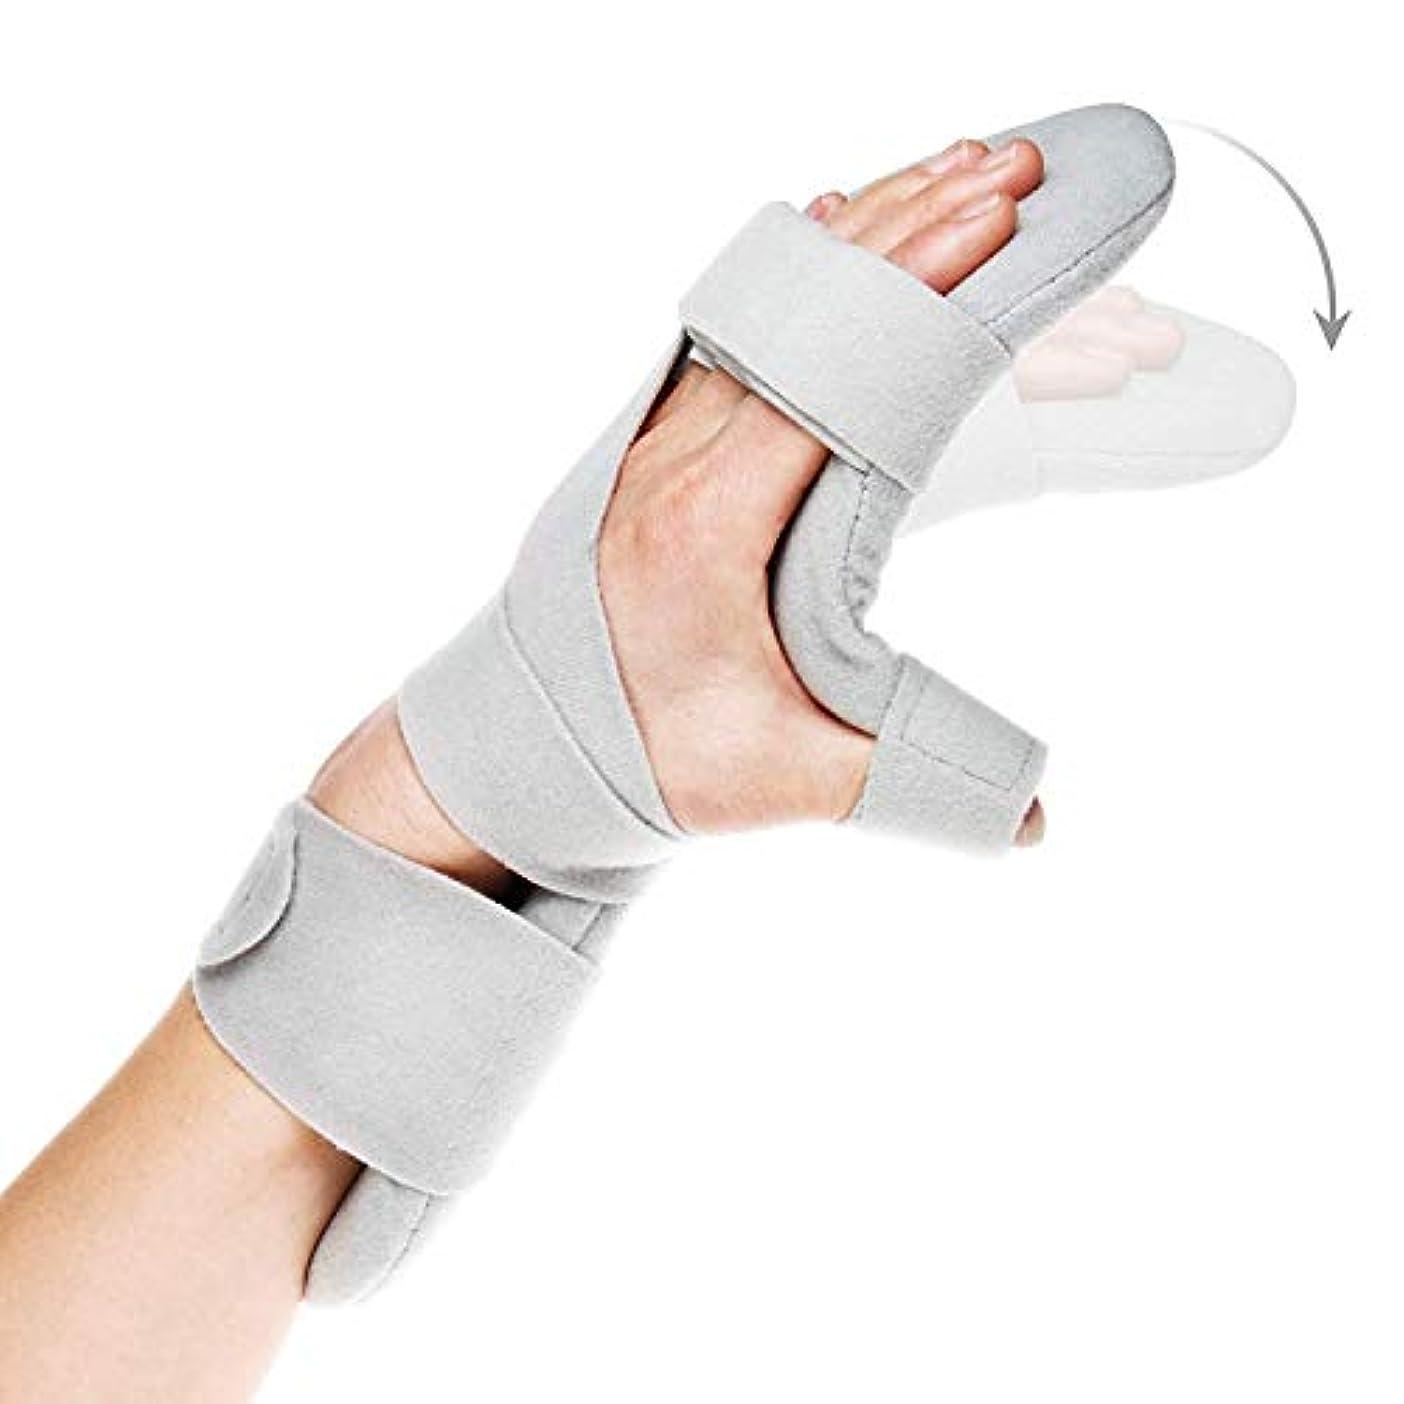 リフレッシュ豊かな食堂疼痛腱炎捻挫骨折関節炎脱臼用安静時ハンドスプリントナイトリストバンドイモビライザーサポート (Size : Left Hand)